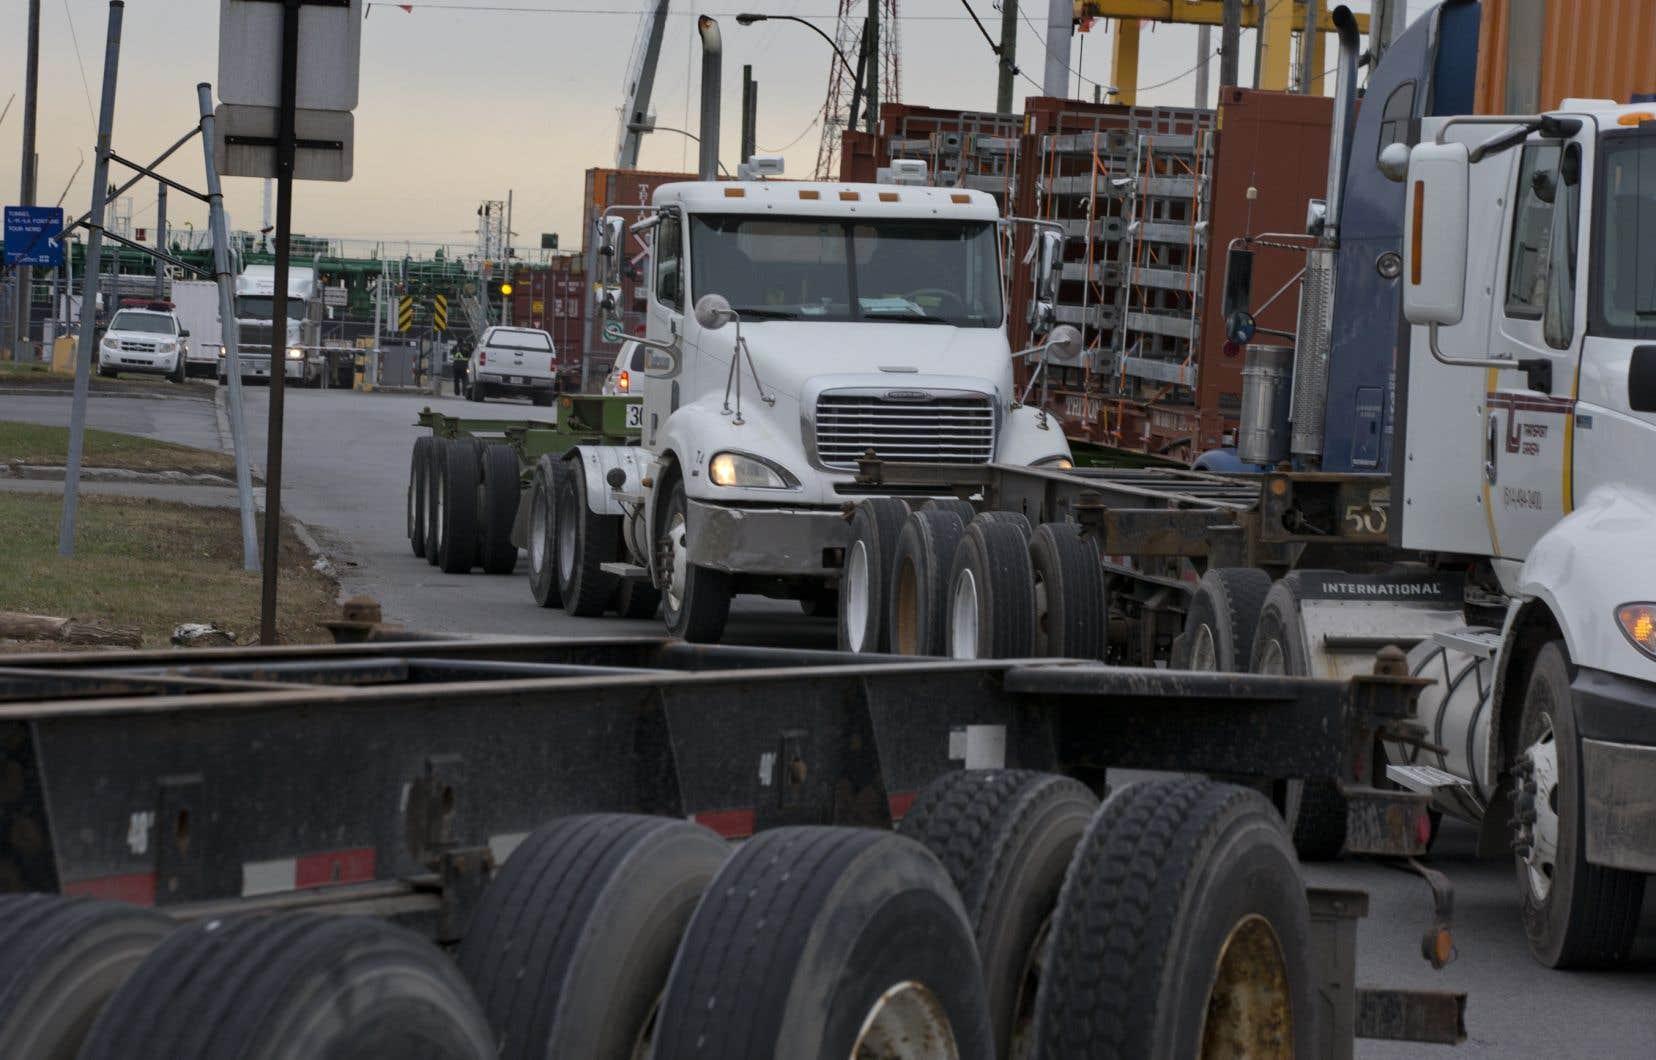 <p>Trois camionneurs de confession sikhe contestaientl'obligation imposée par leurs employeurs de porter un casque protecteur lorsqu'ils doivent se déplacer à l'extérieur de leurs camions sur le site des terminaux du Port de Montréal.</p>